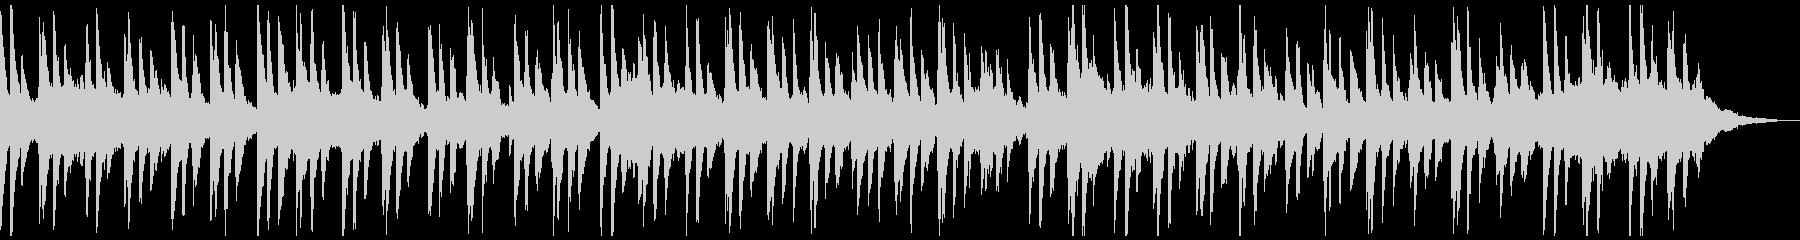 ブルース アンビエントミュージック...の未再生の波形